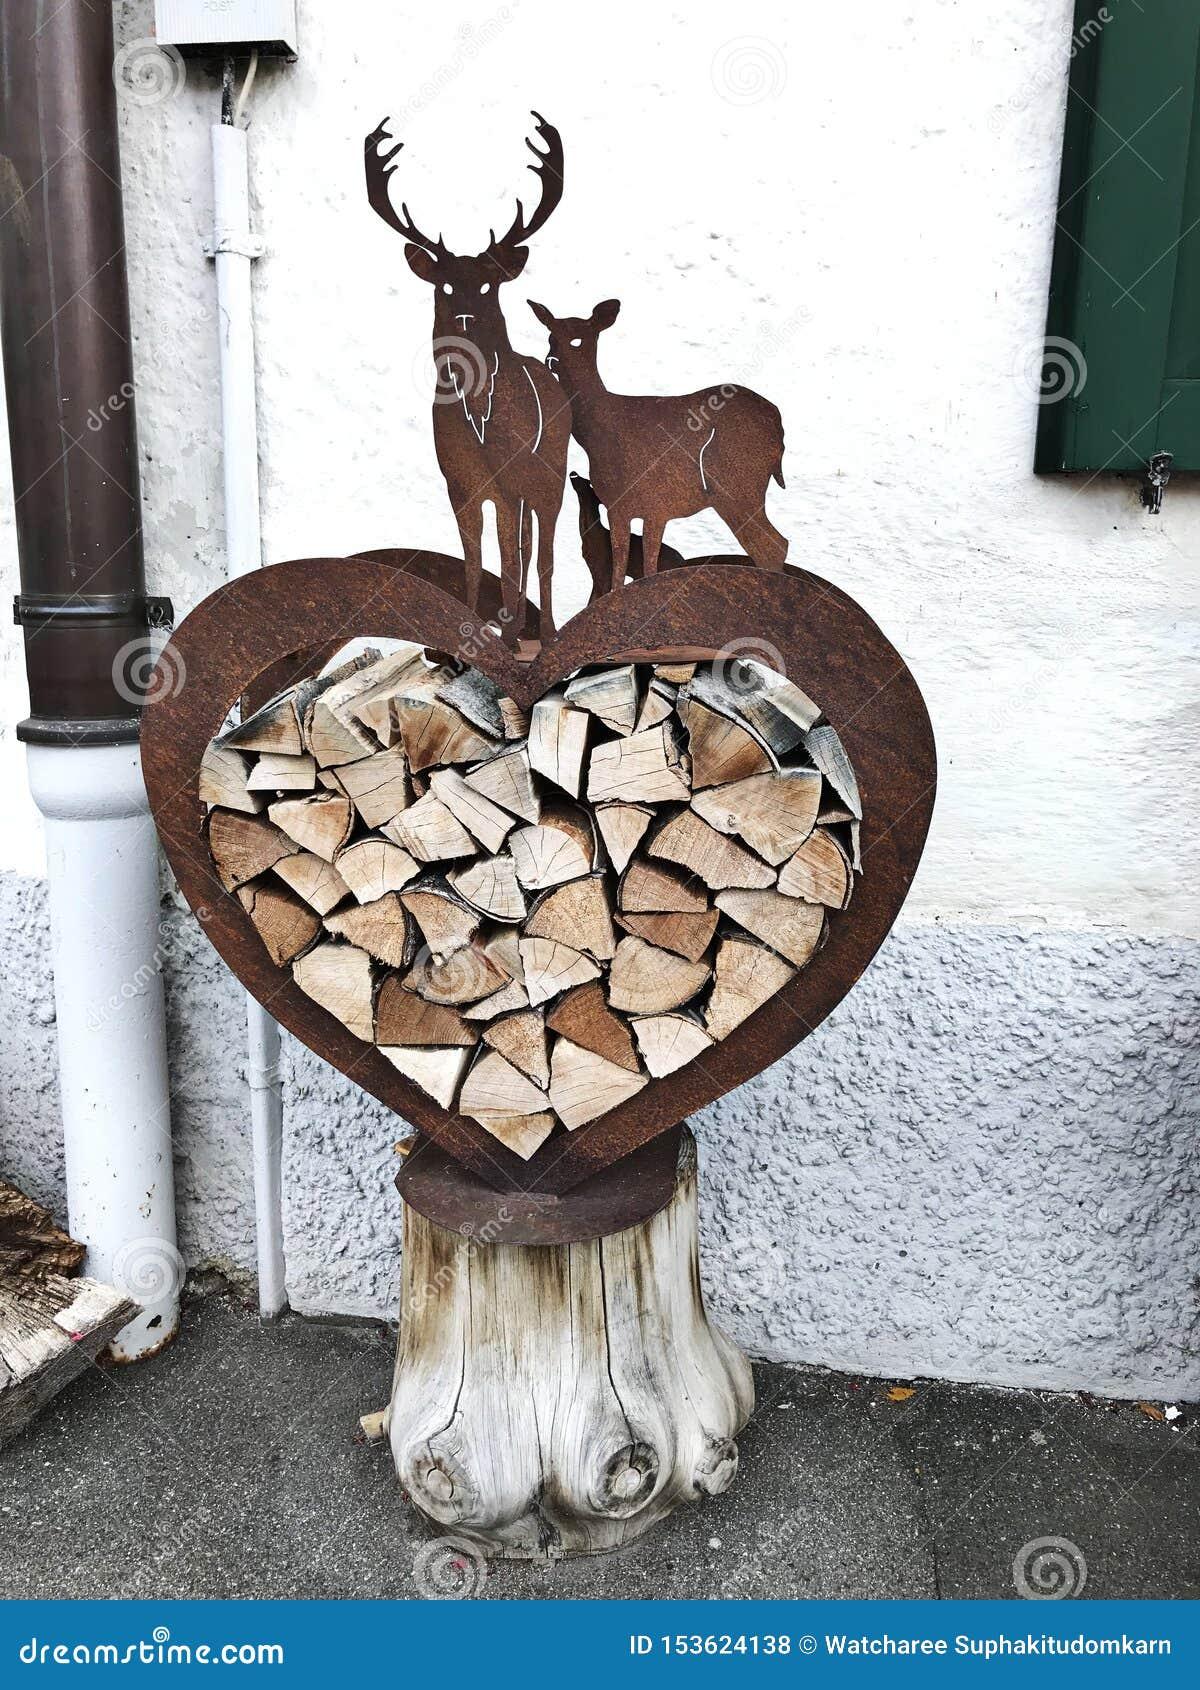 Hjärta-formad vedträlagringsask som dekoreras av hjort-formad konst i Tyskland